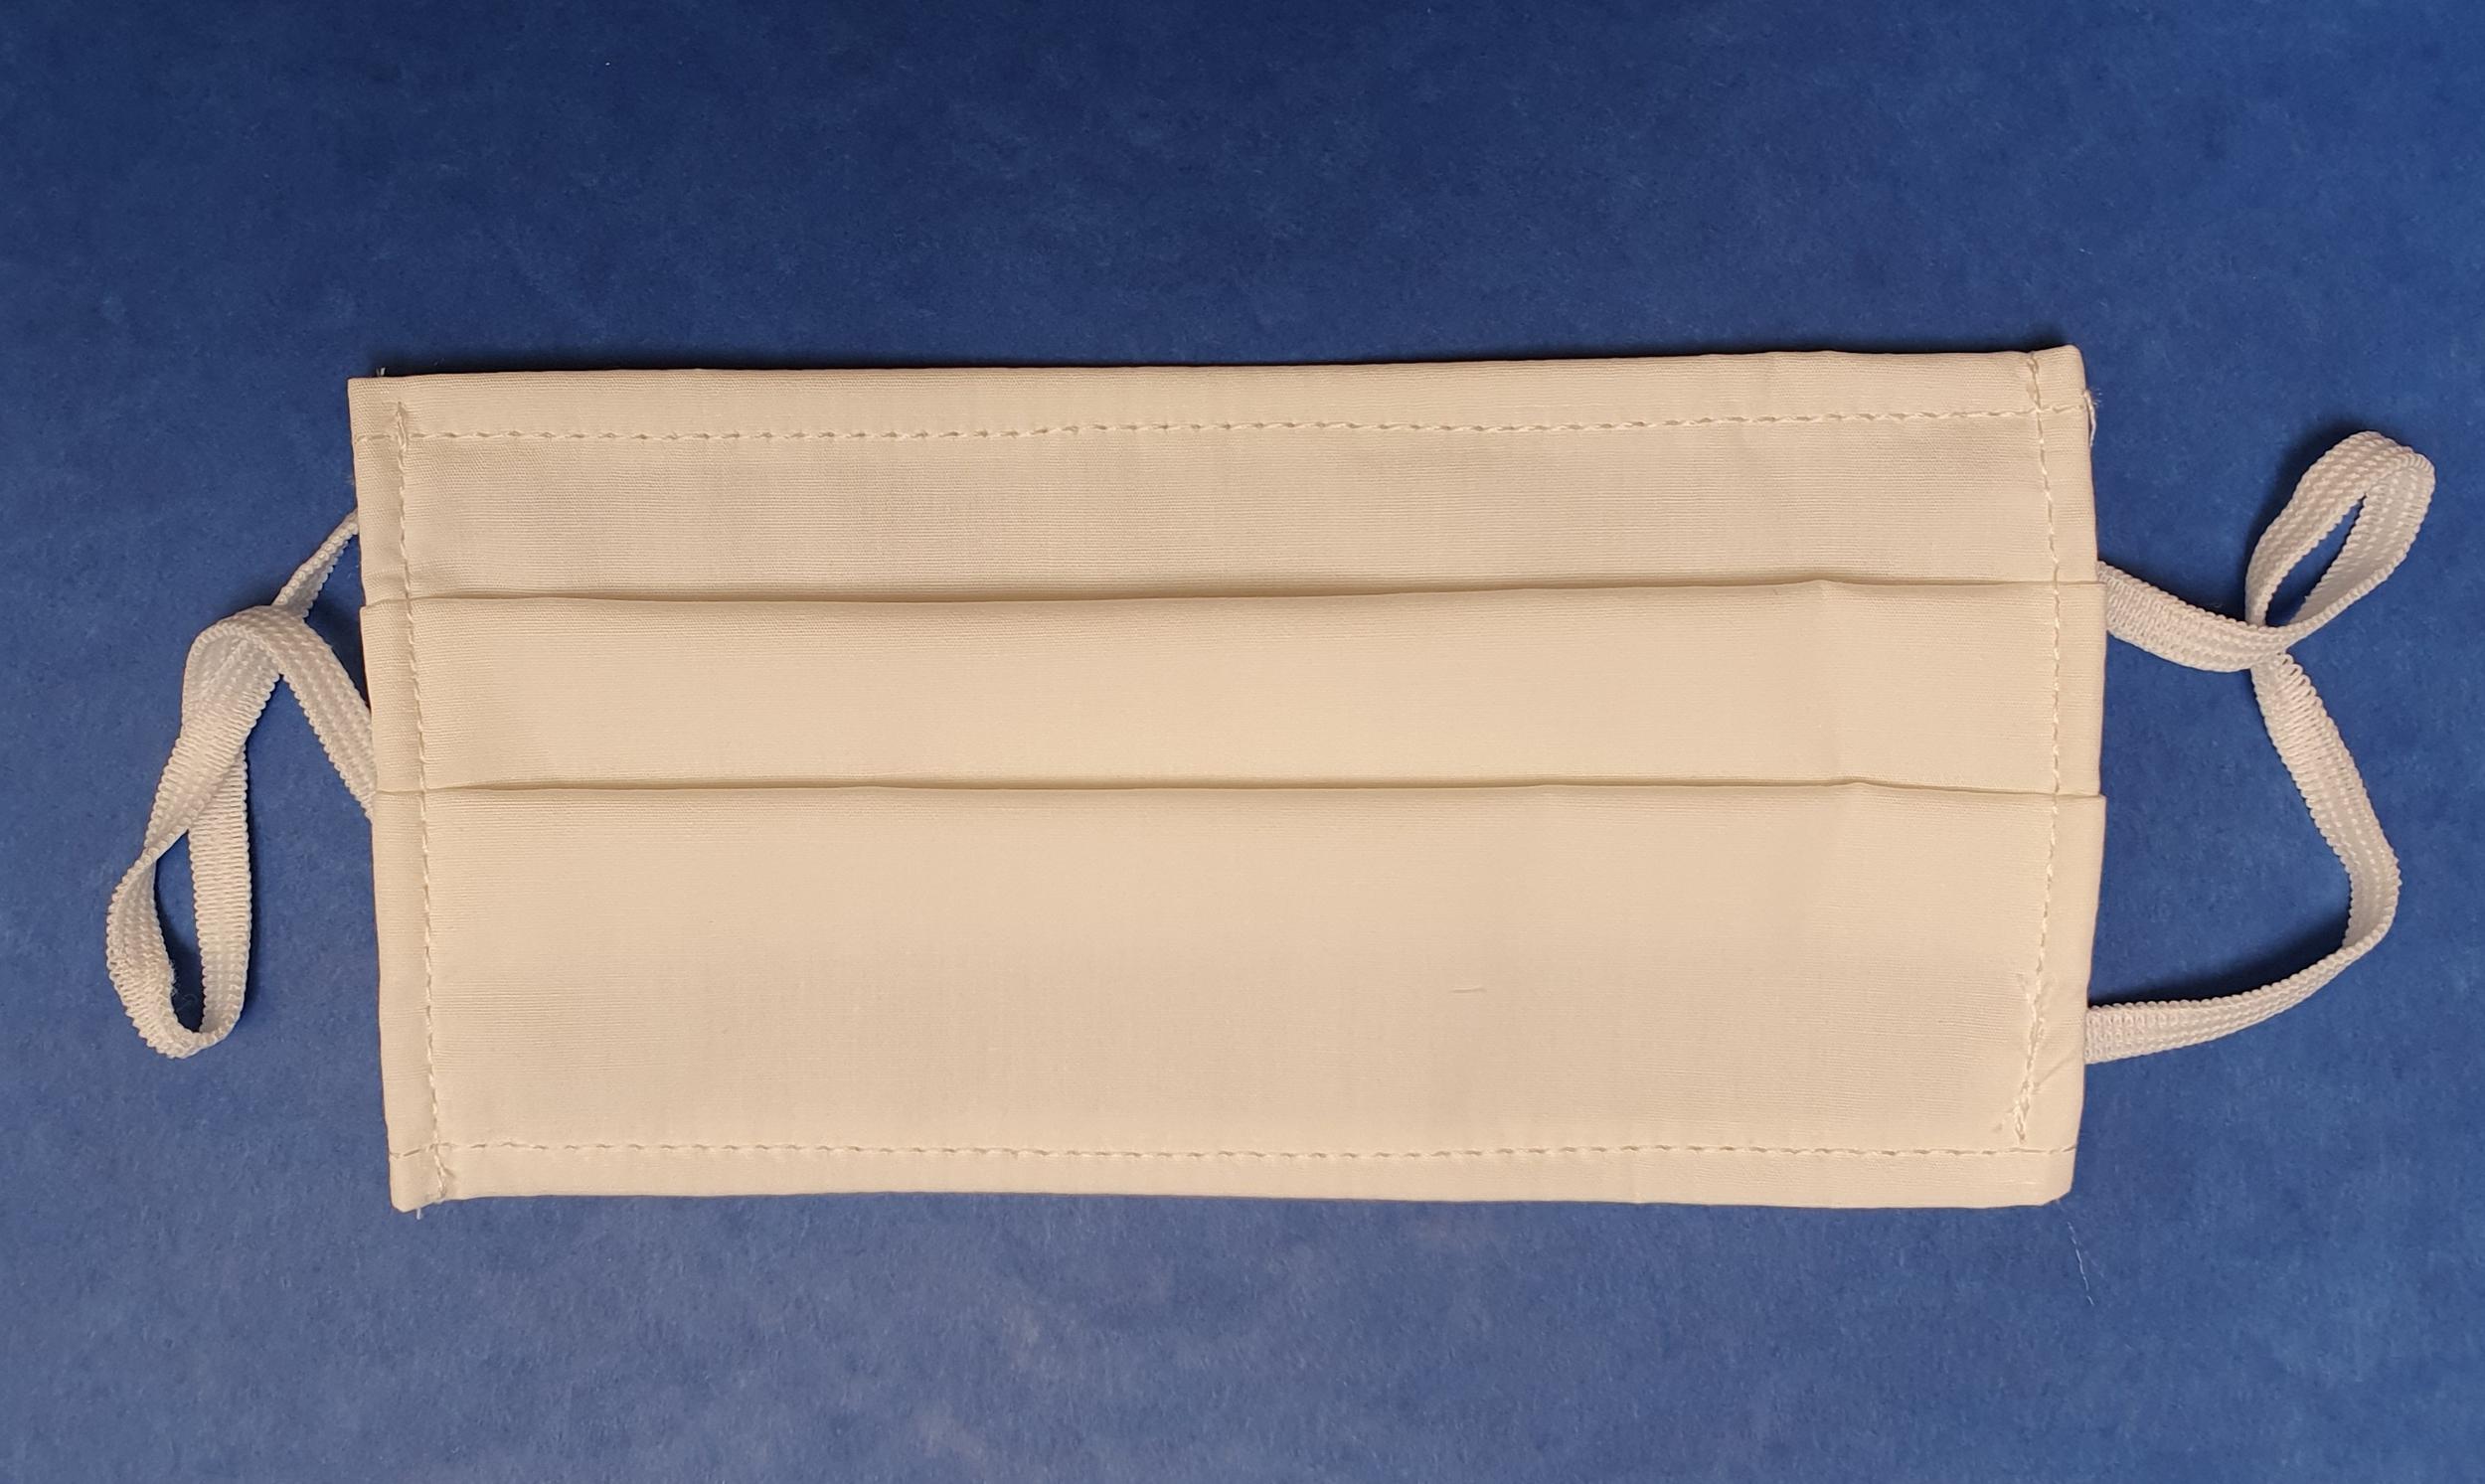 1 masque de protection respiratoire en tissu lavable 20 fois